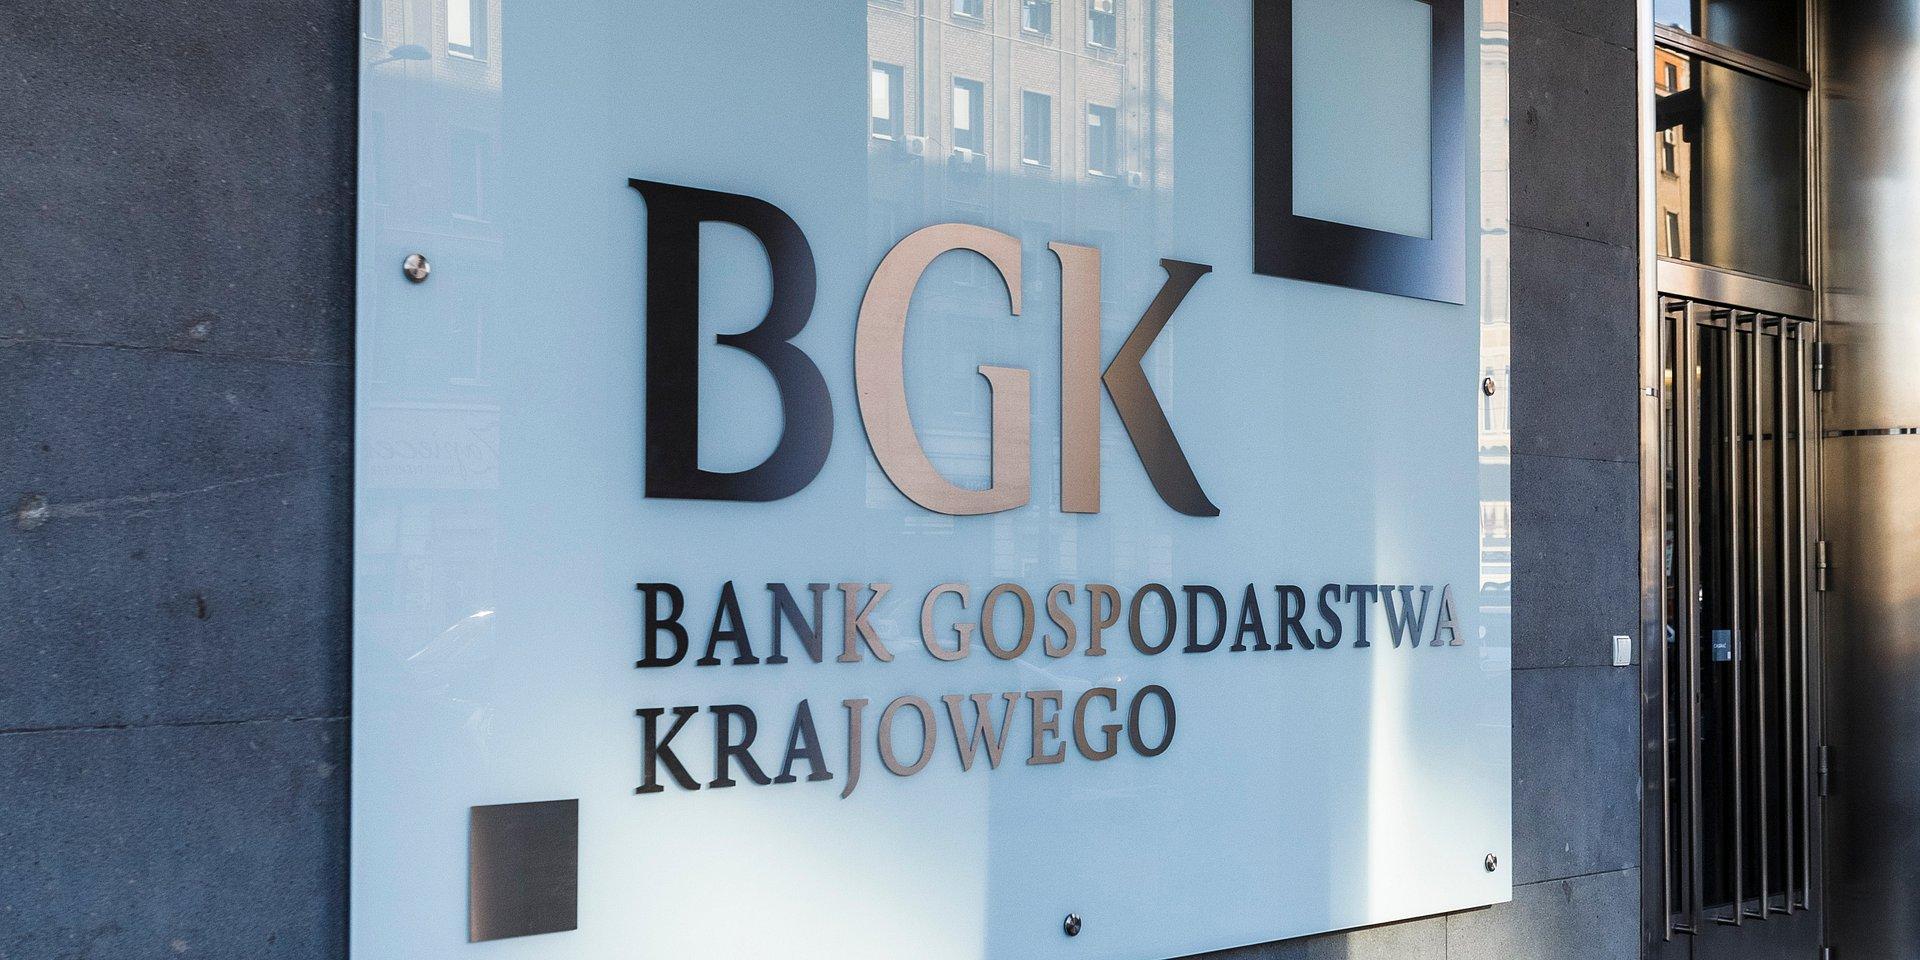 Bank Gospodarstwa Krajowego szuka agencji reklamowej